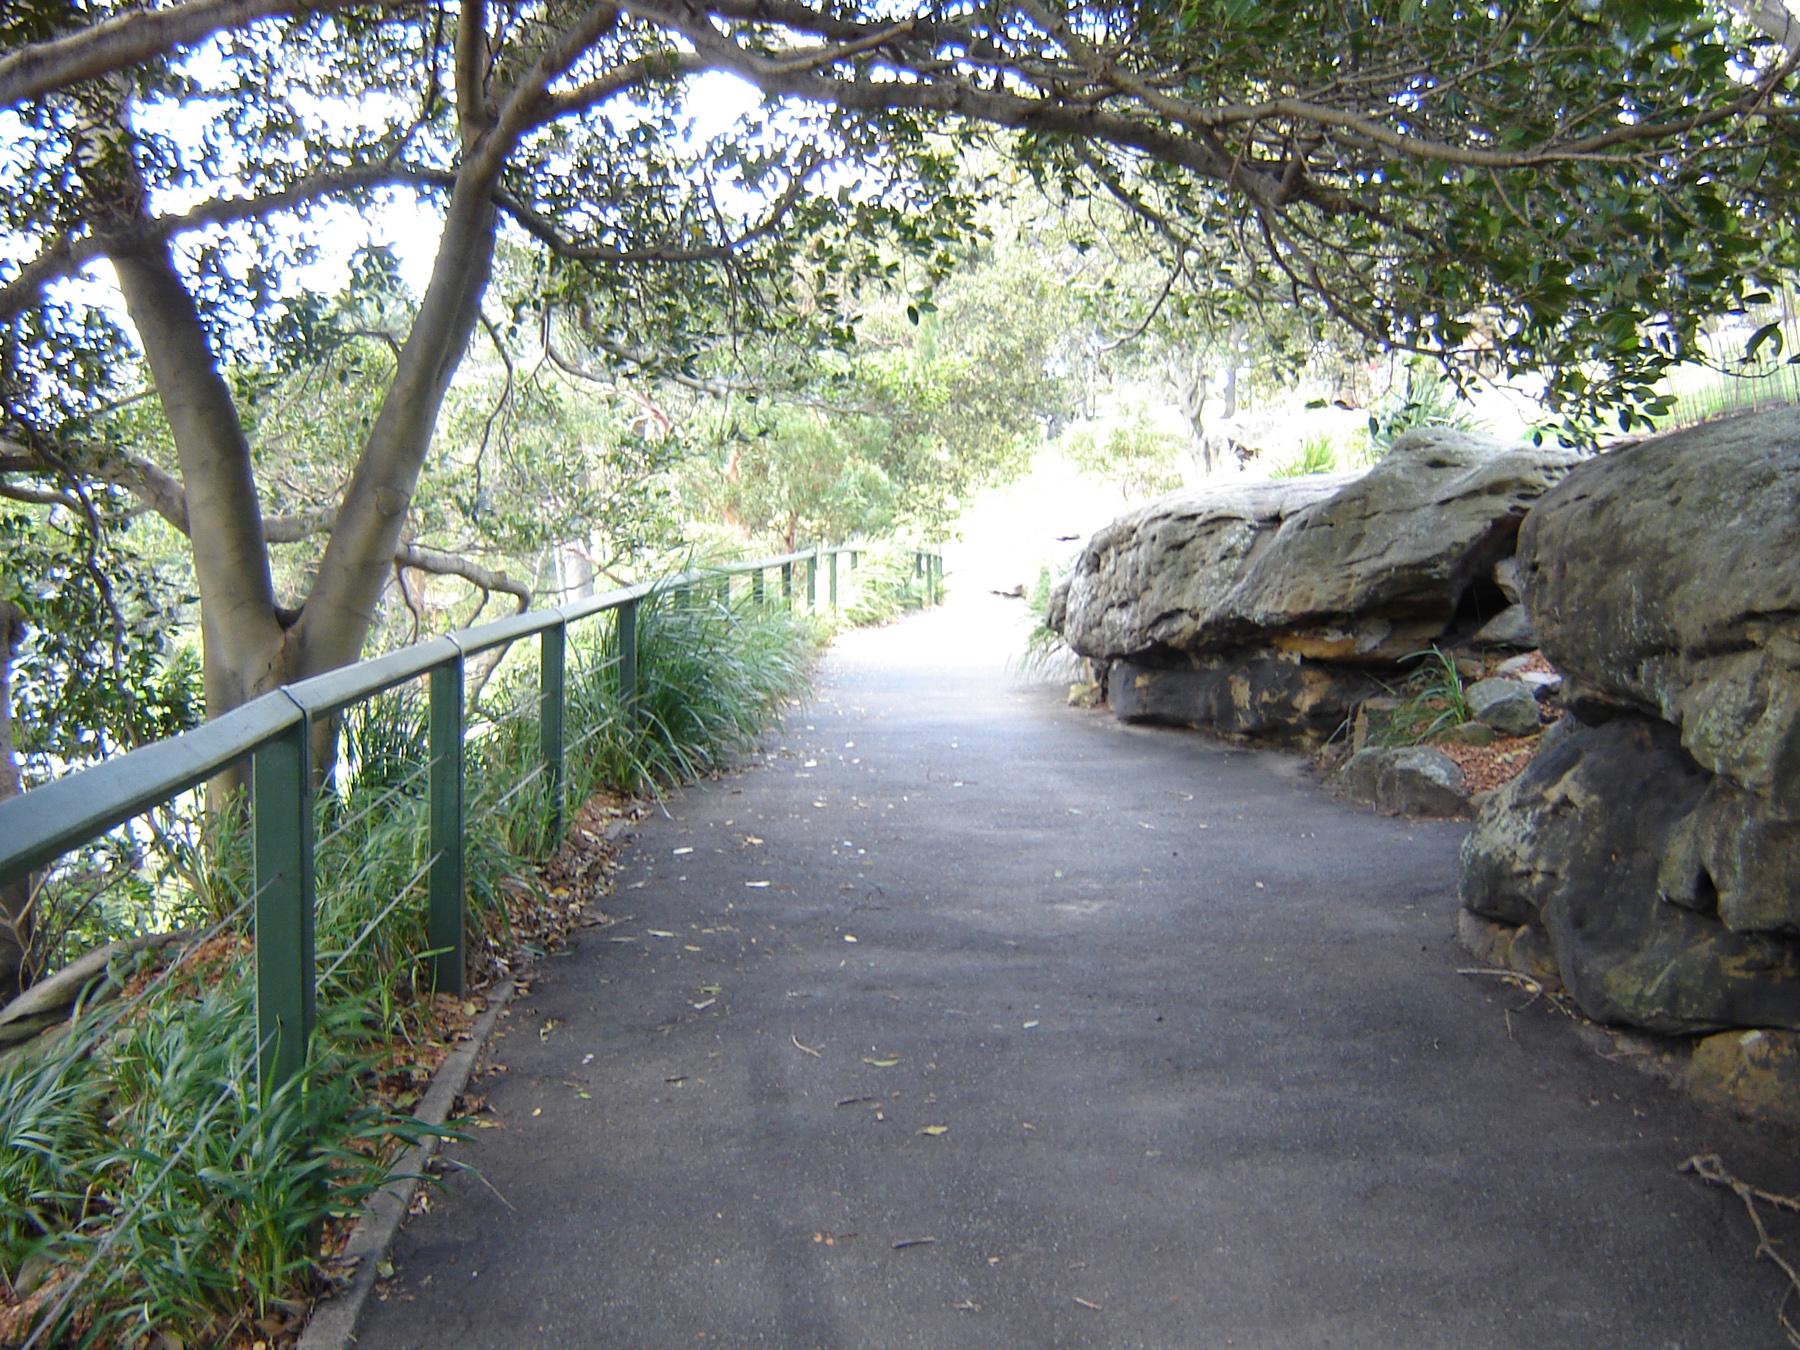 Asfalt walking path, Trees, Walking, Path, Cliffs, HQ Photo